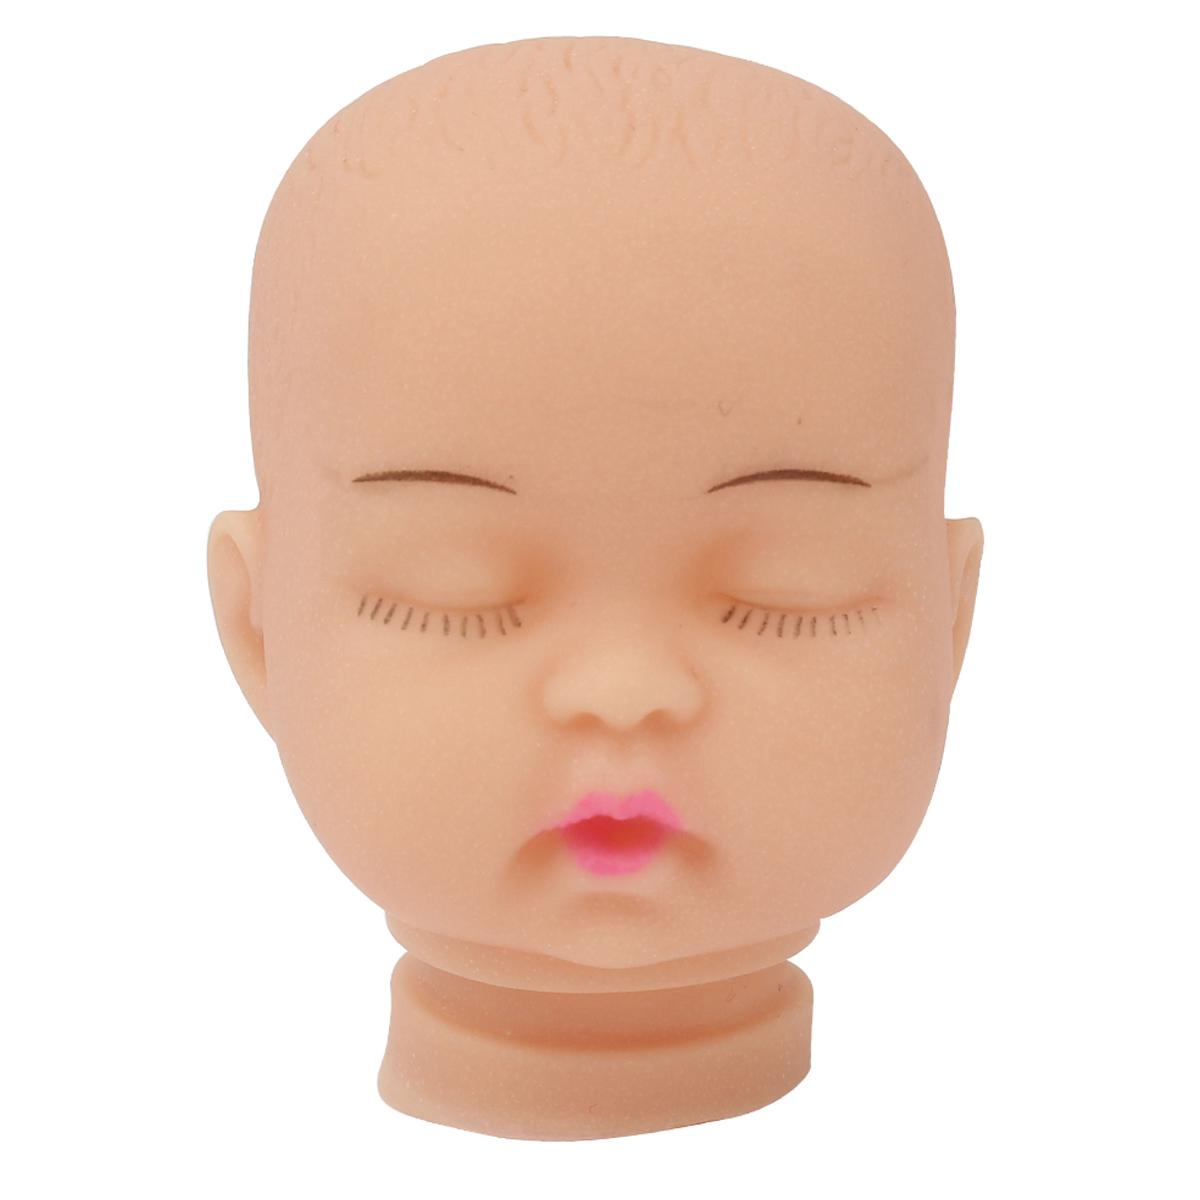 27038 Пластиковая заготовка 'Голова для малыша' 4см*5,5см